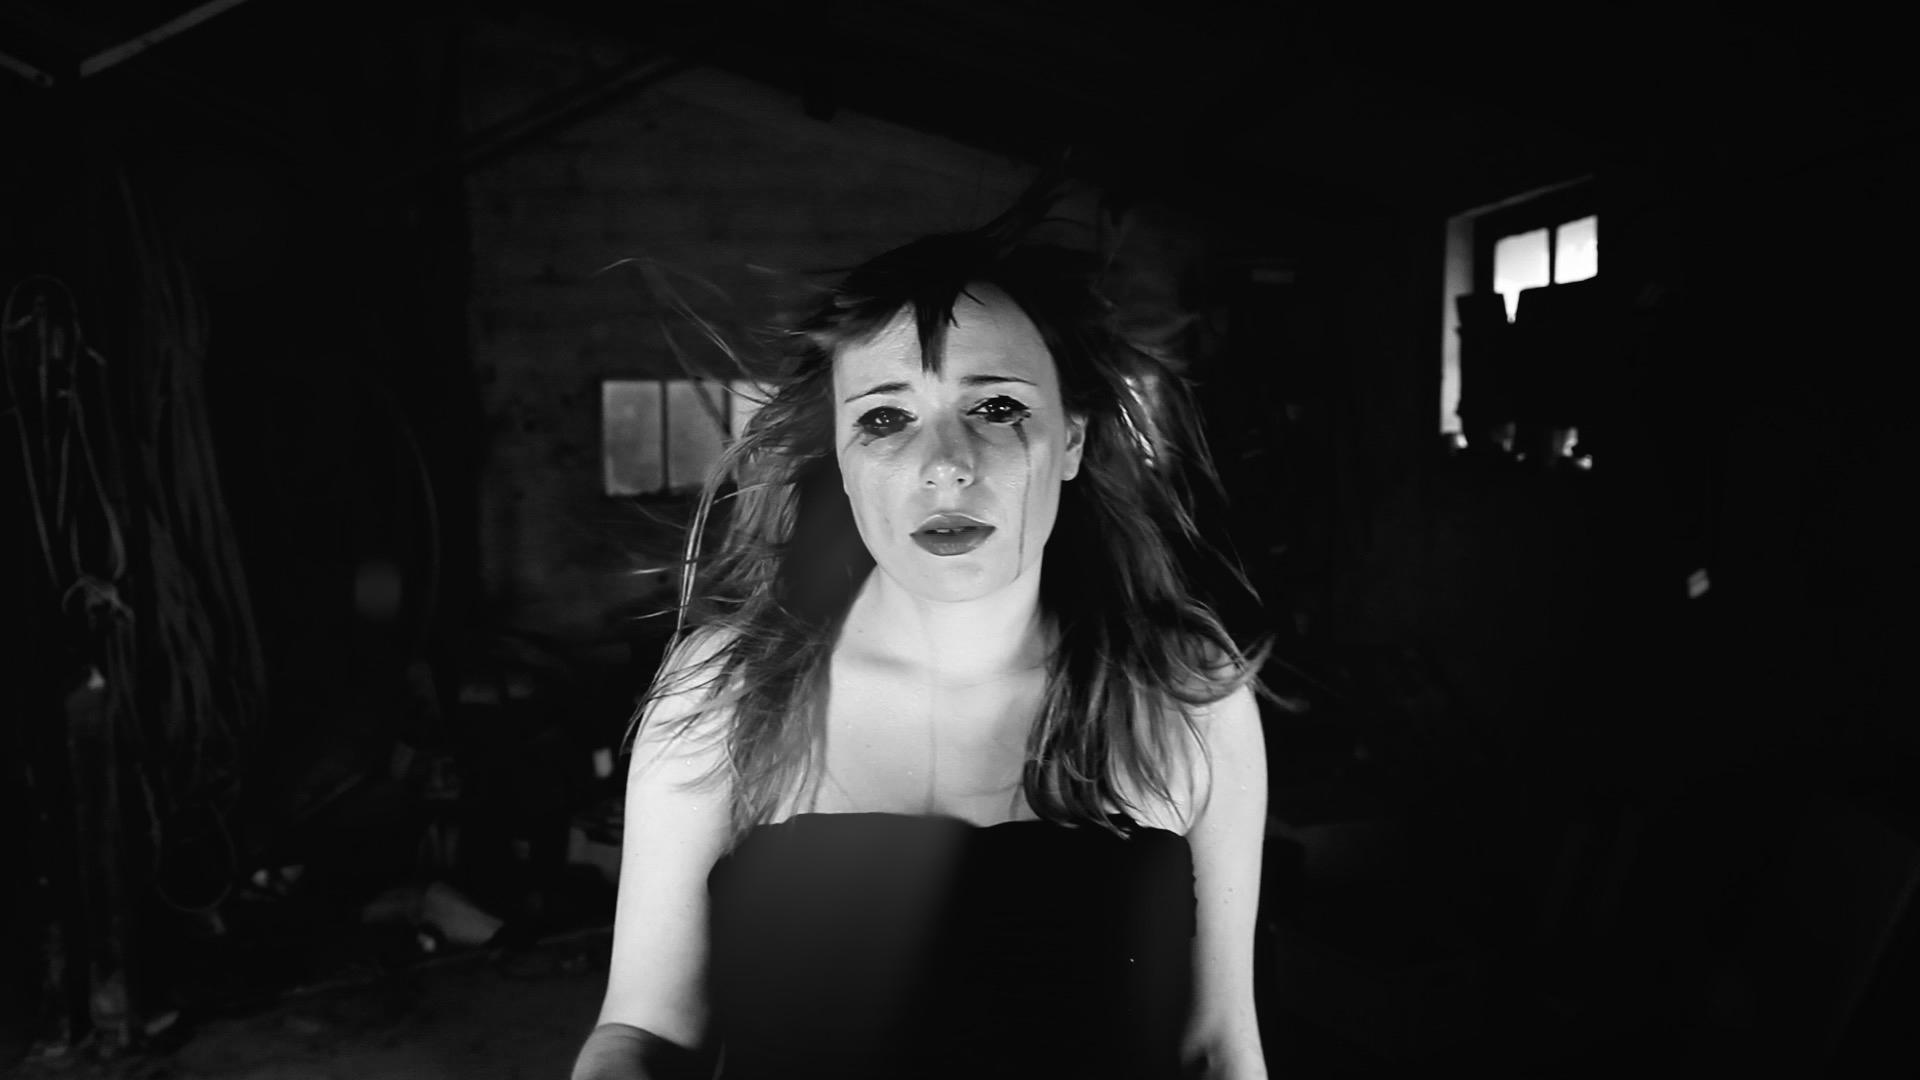 Fever-Milo-Joki-Tournage-clip-vidéo-paca-Var-realisateur-Riberaigua-producteur-realisateur clip musique